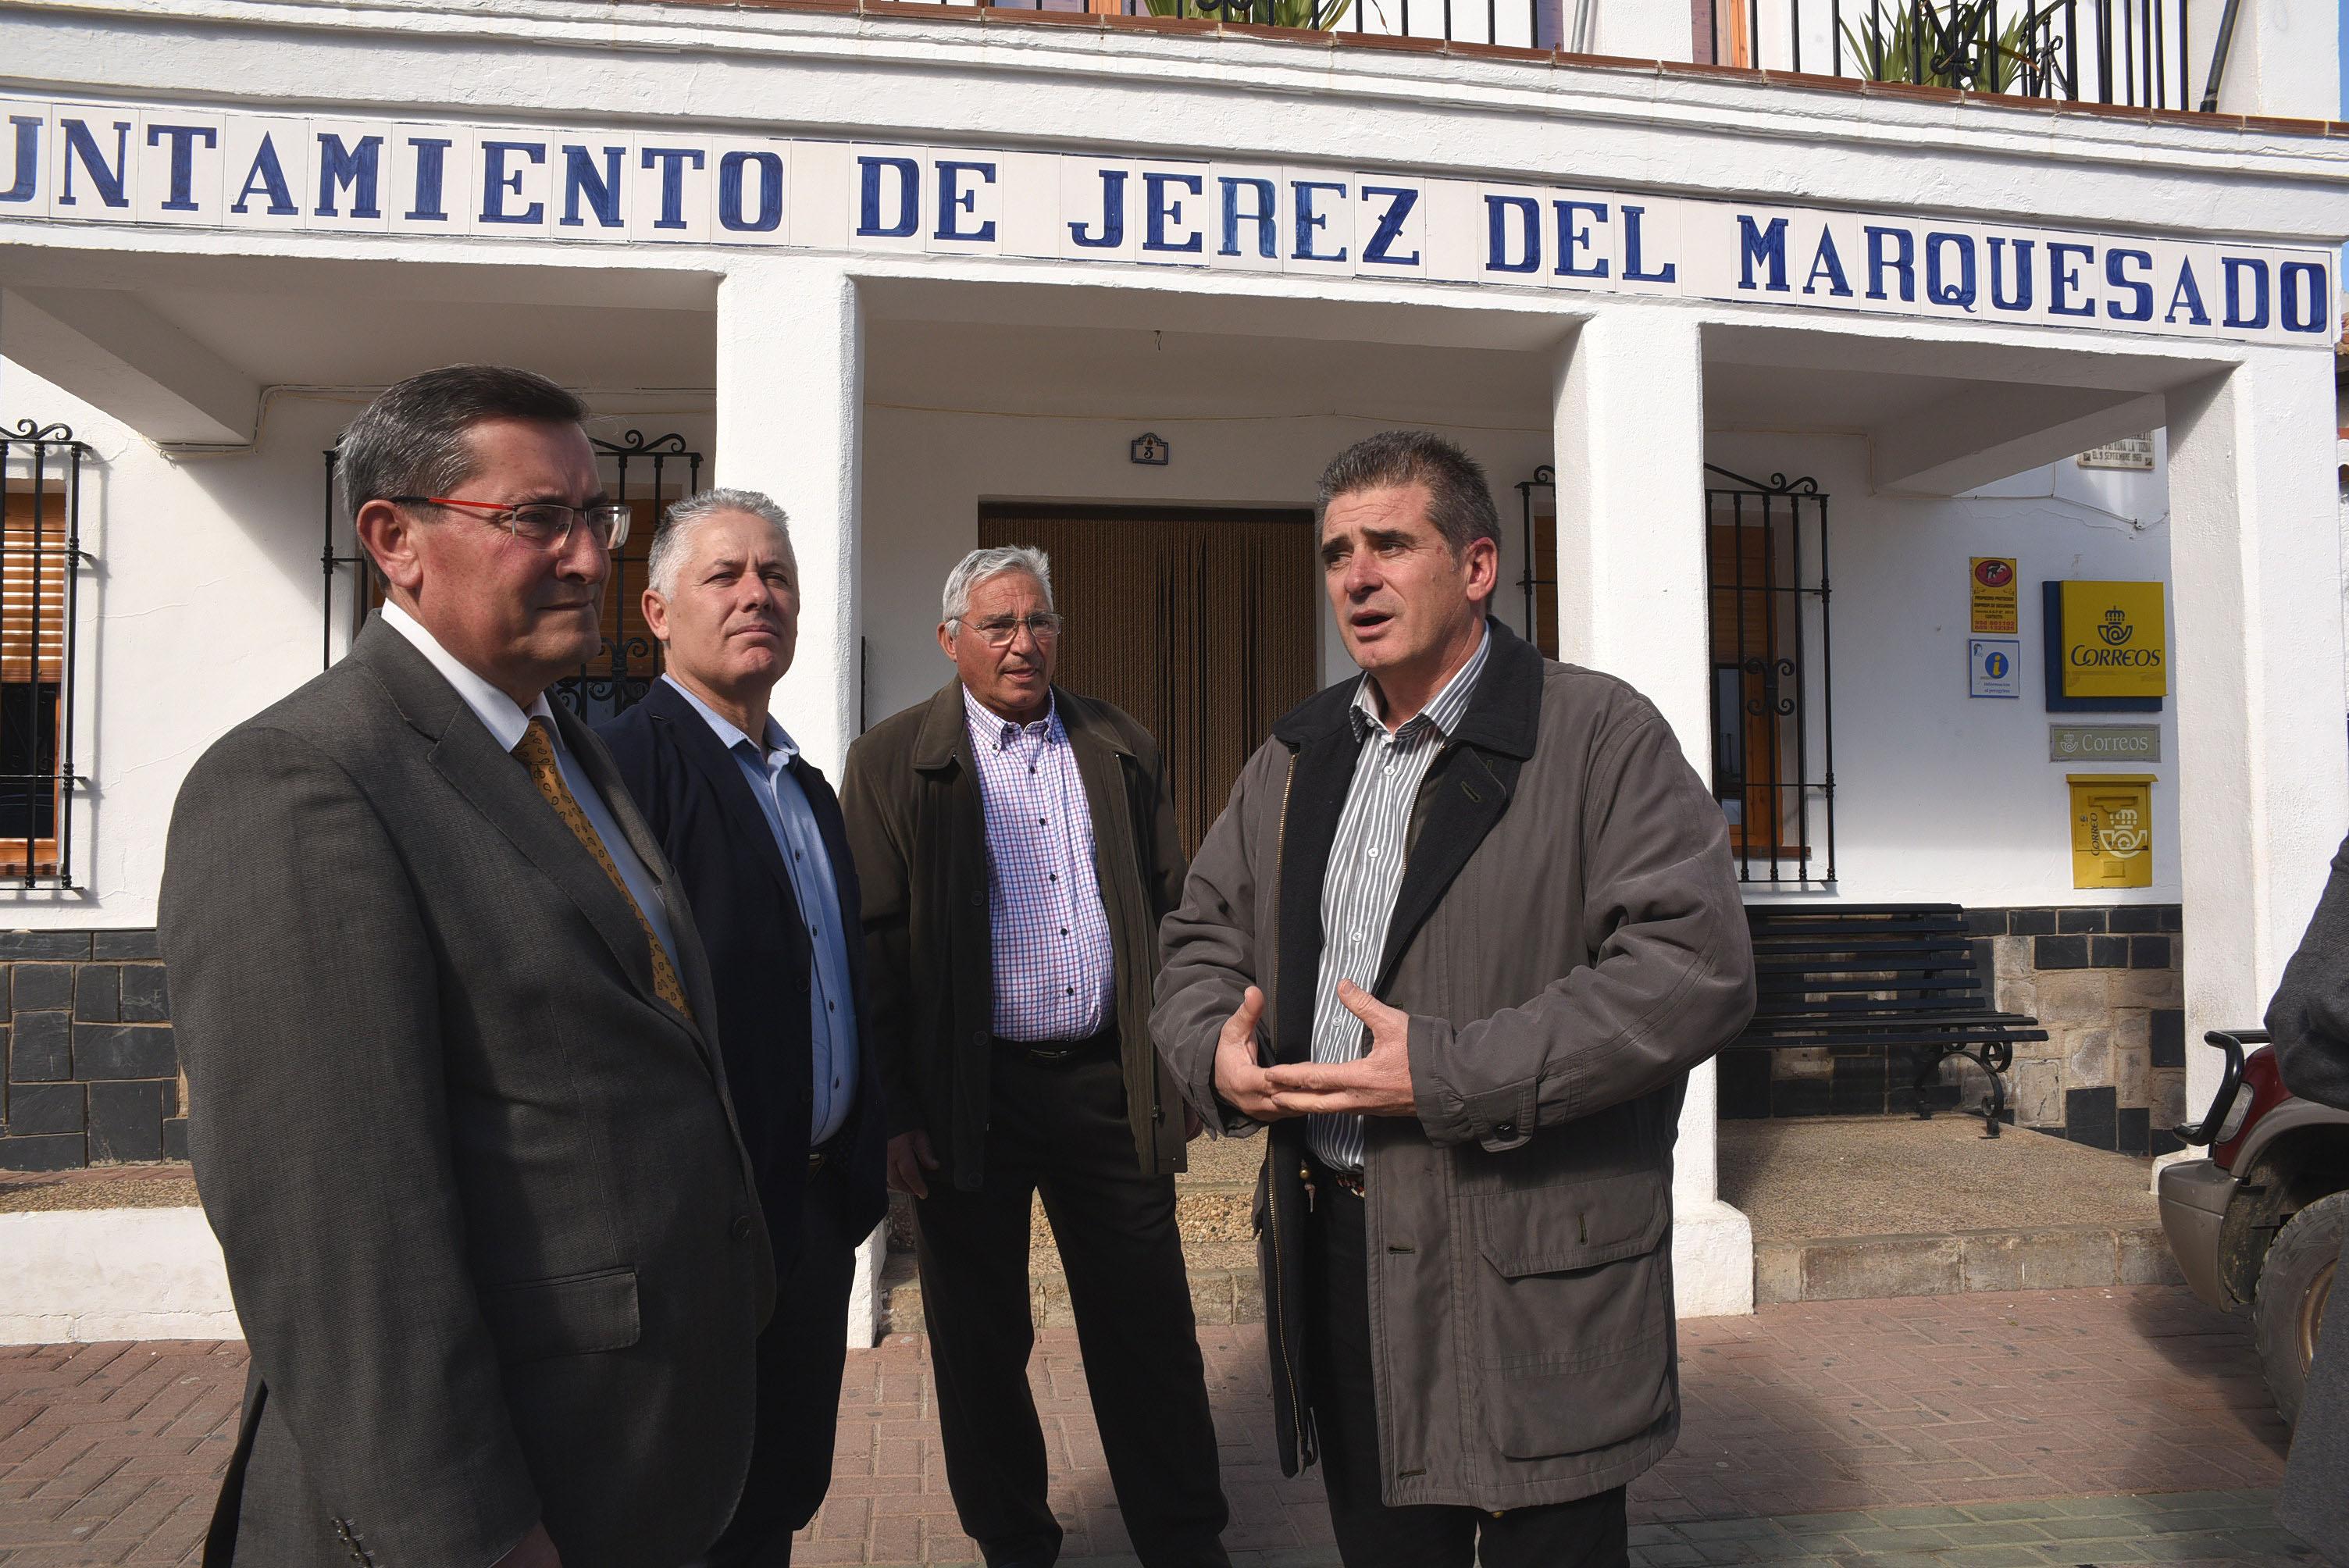 Jerez del Marquesado mejora la eficiencia energética de la mano de Diputación